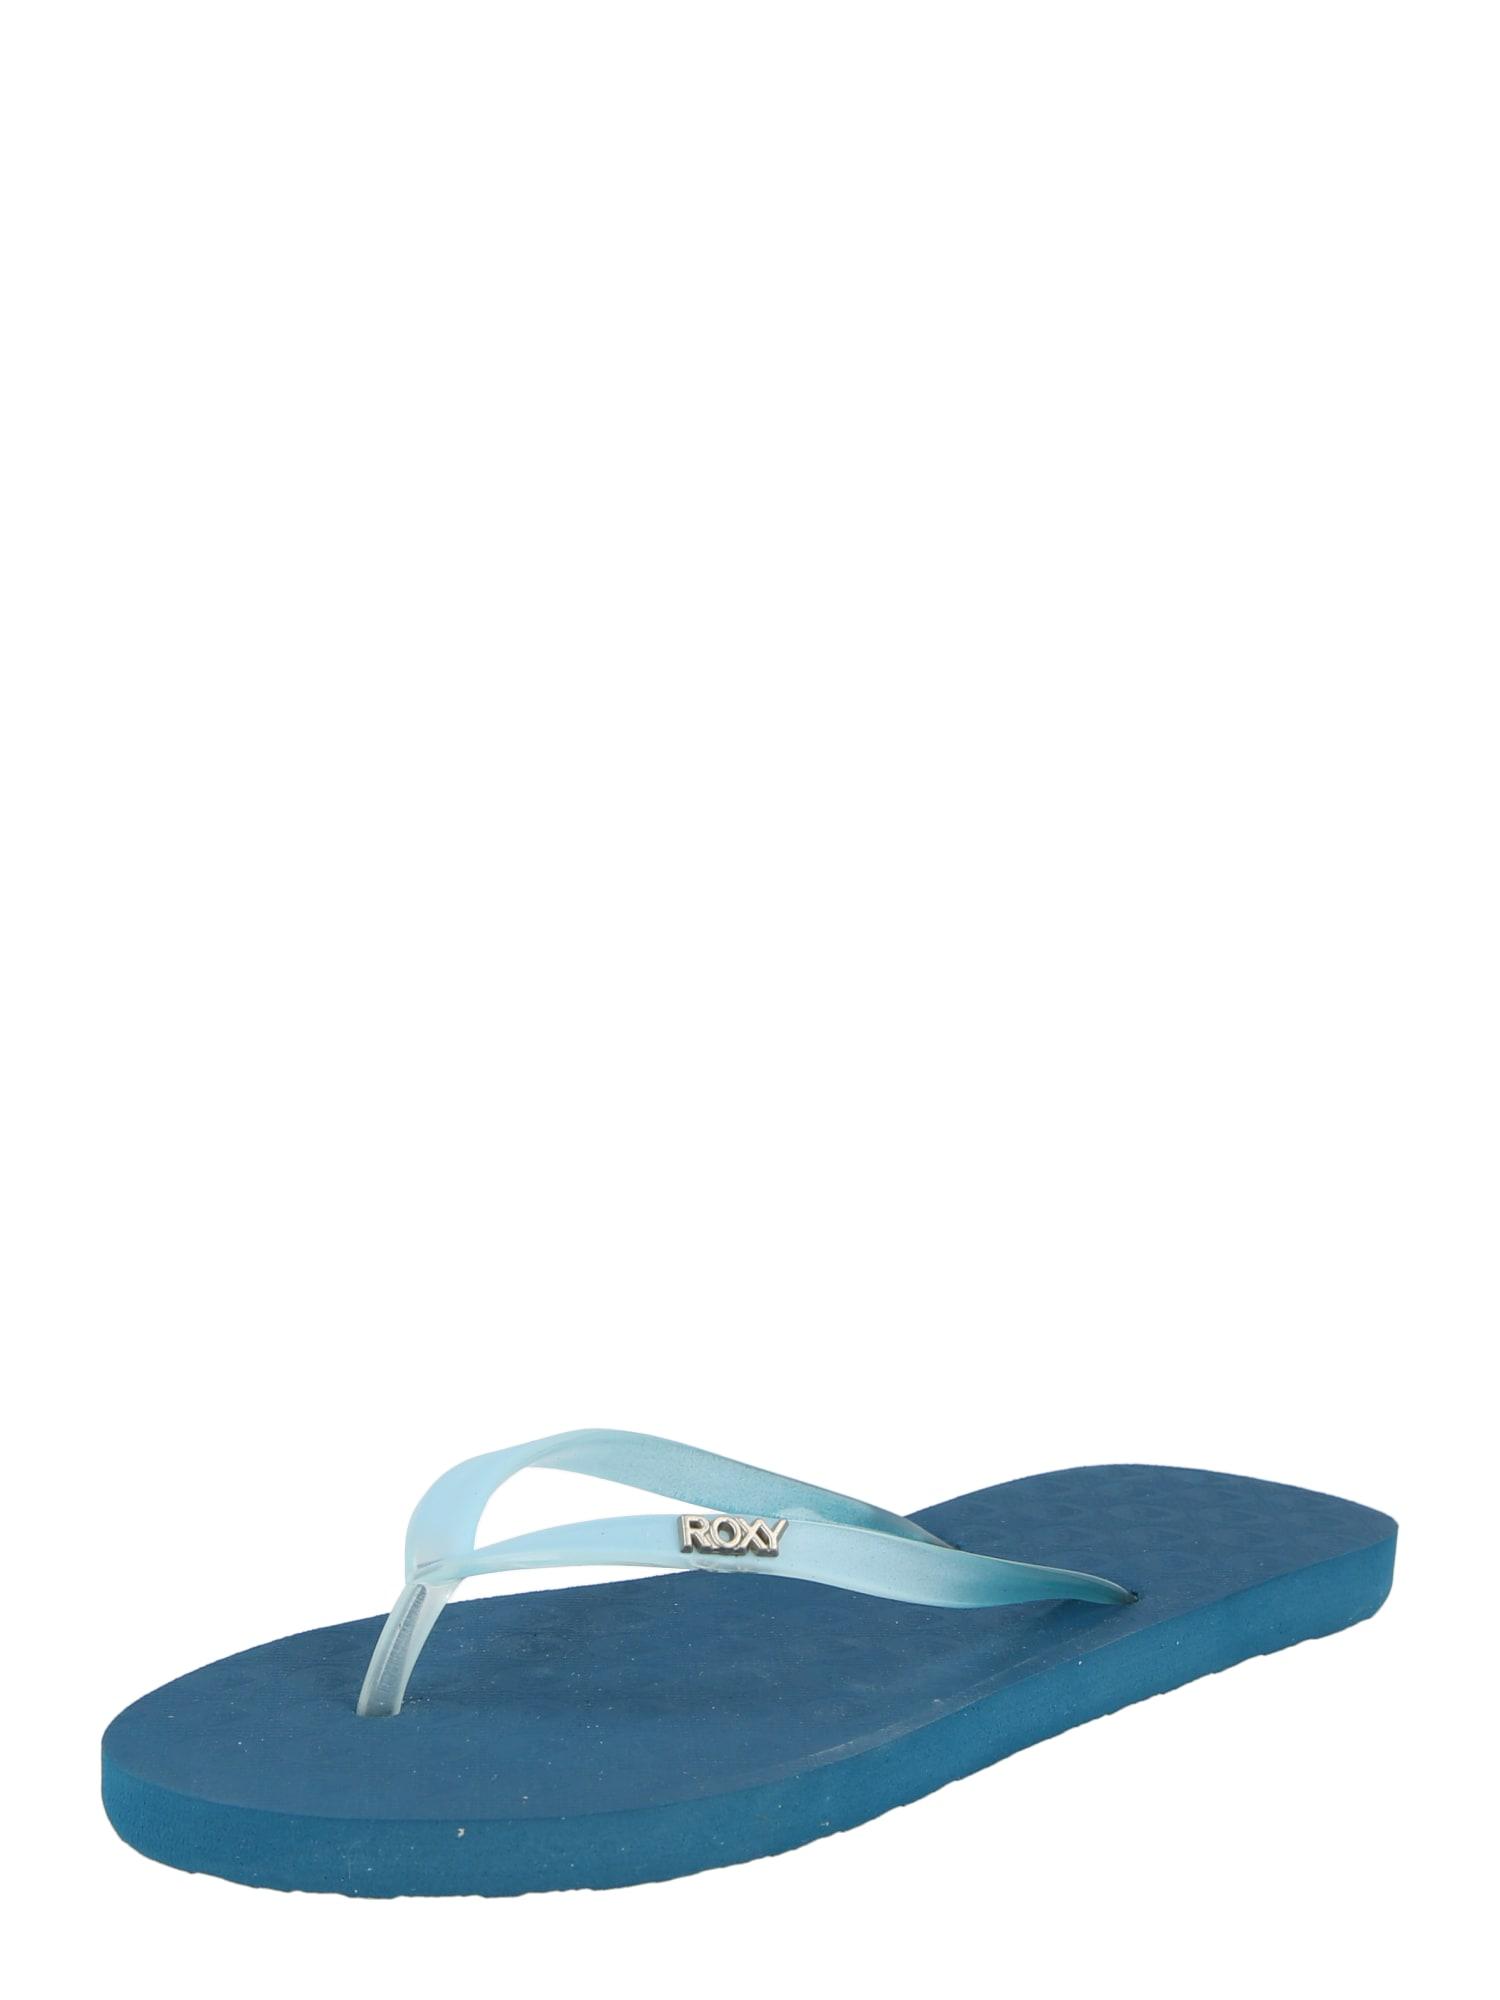 ROXY Séparateur d'orteils 'VIVA'  - Bleu - Taille: 7 - female